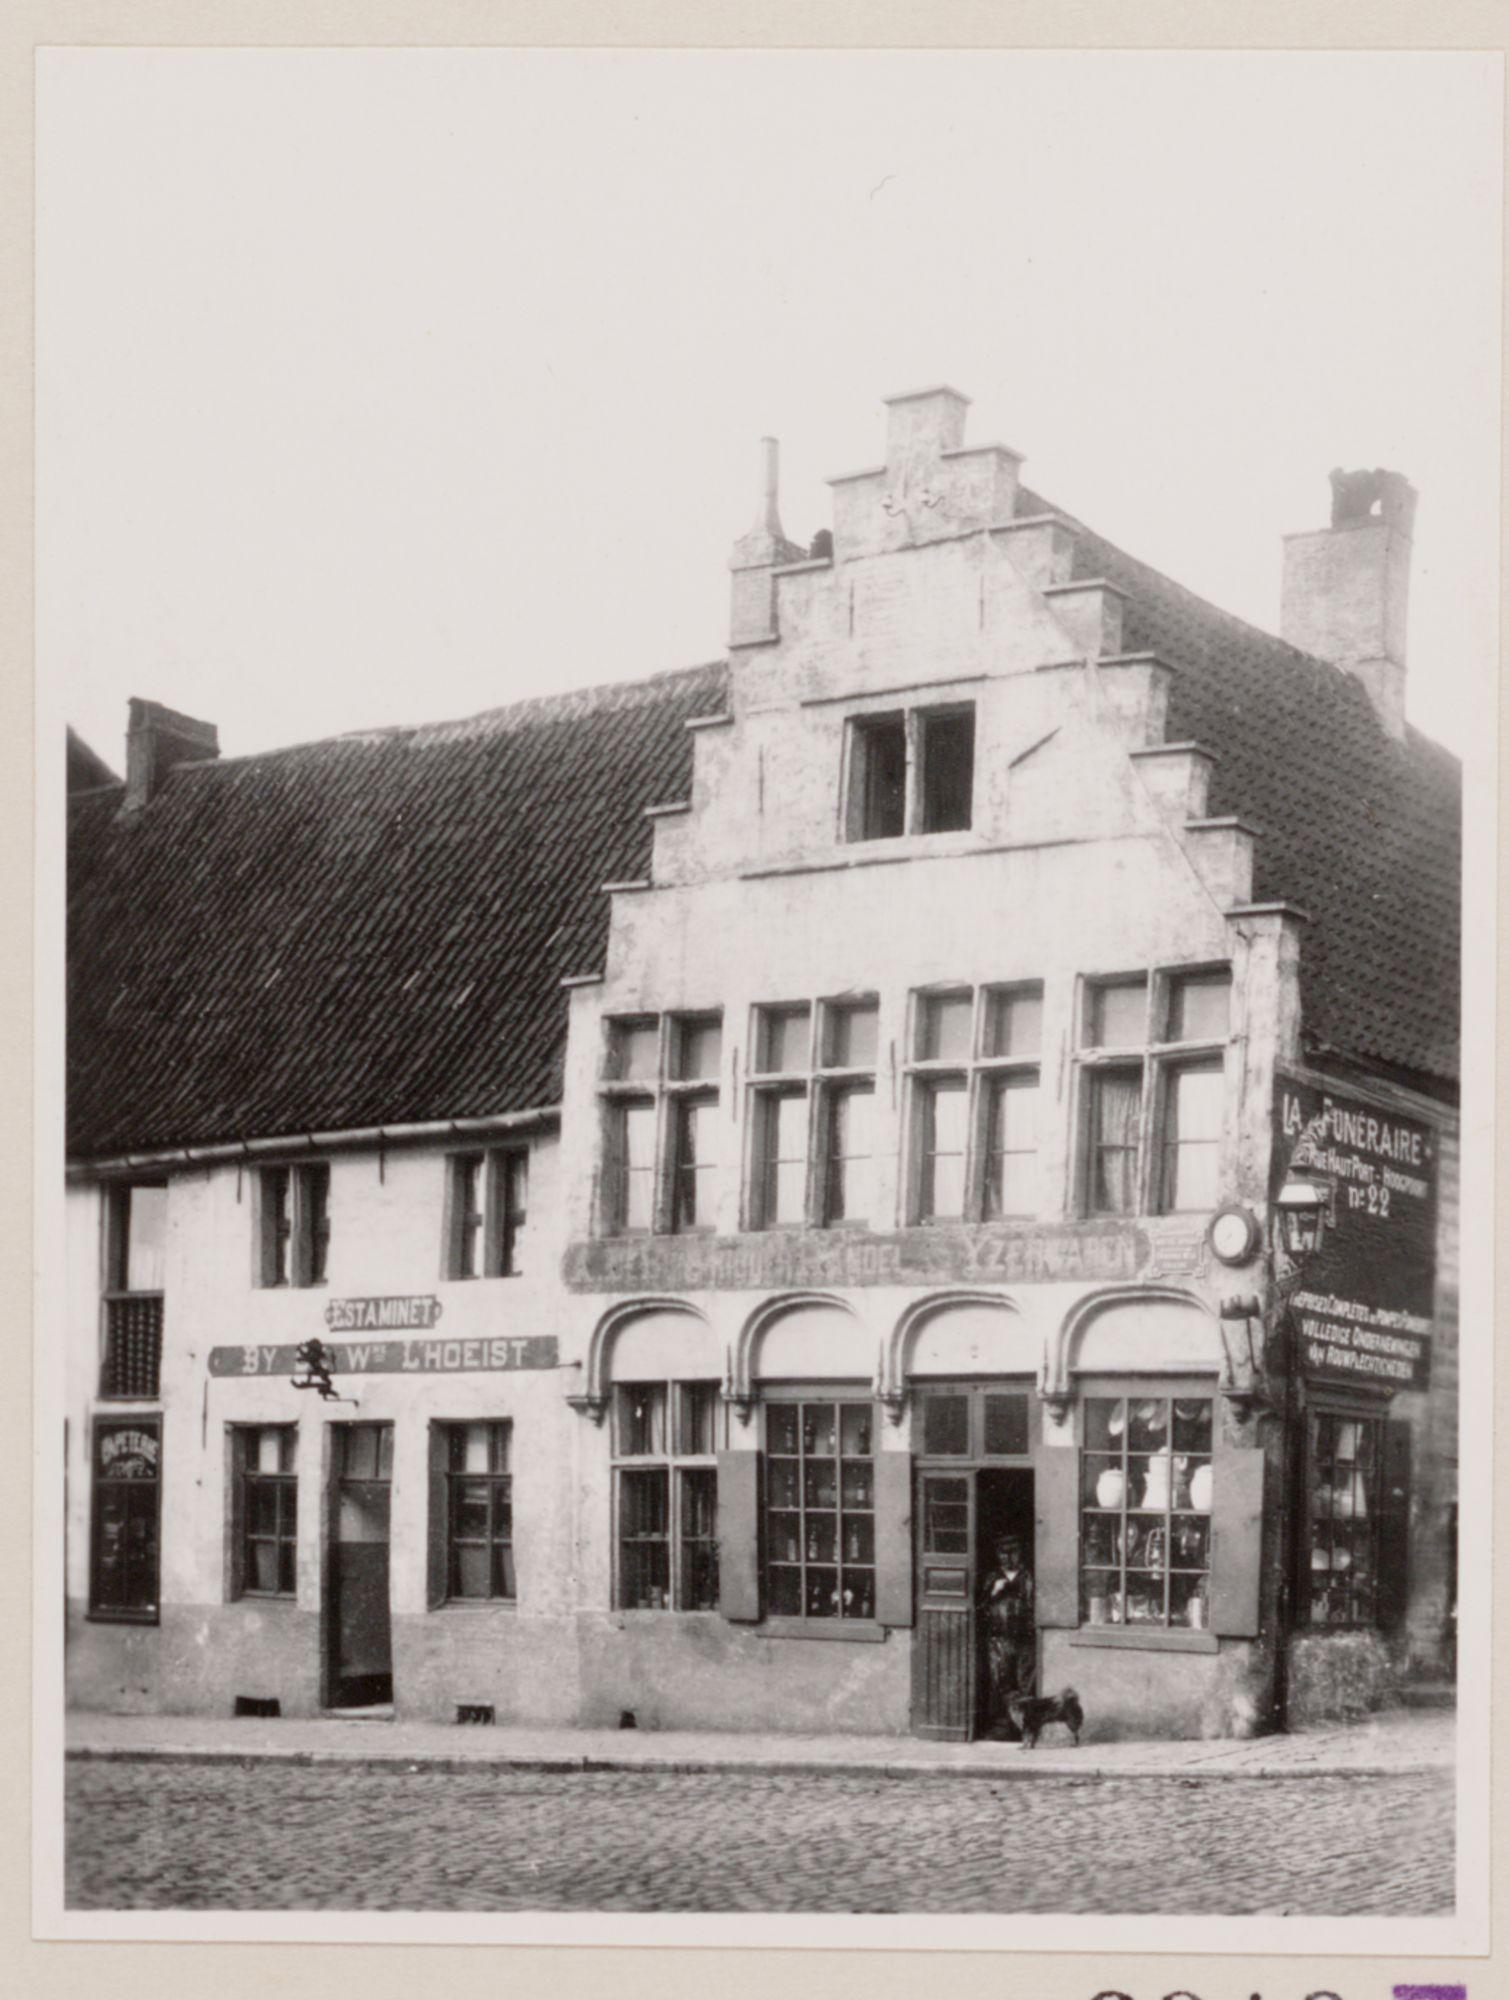 Gent: Een estaminet en een ijzerwarenwinkel in de Overpoortstraat